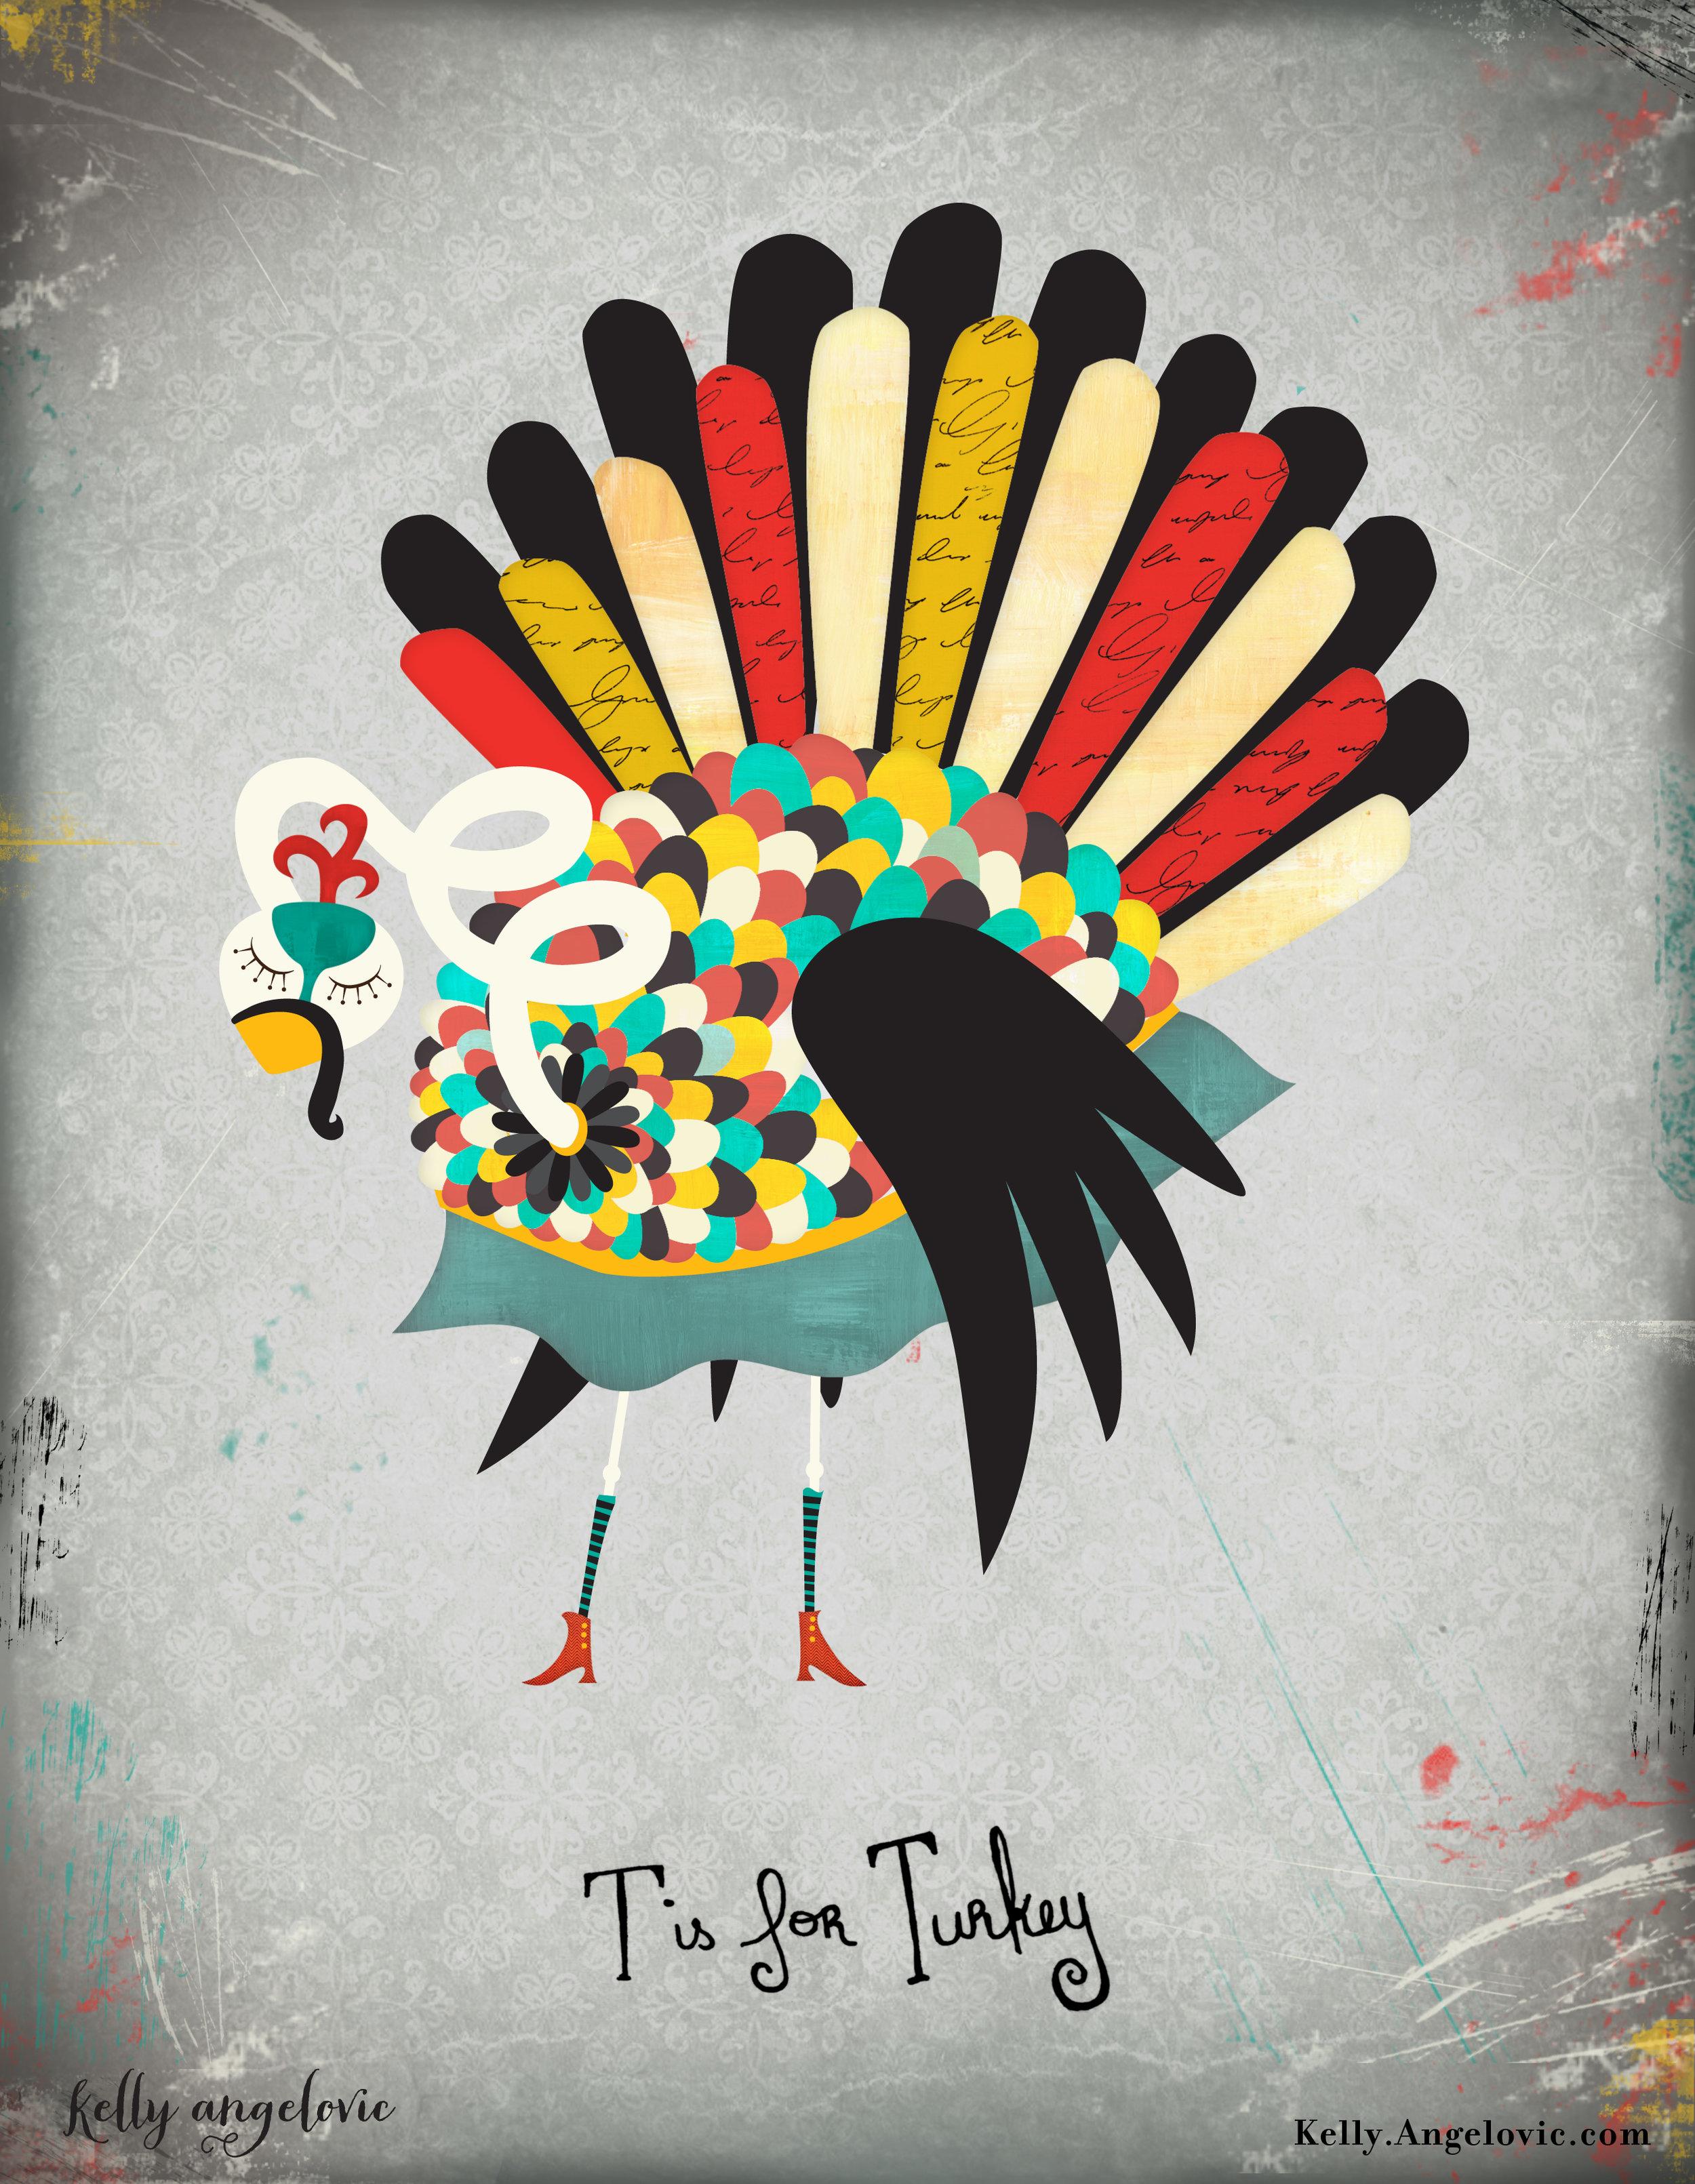 Gobble Gobble. Turkey Illustration